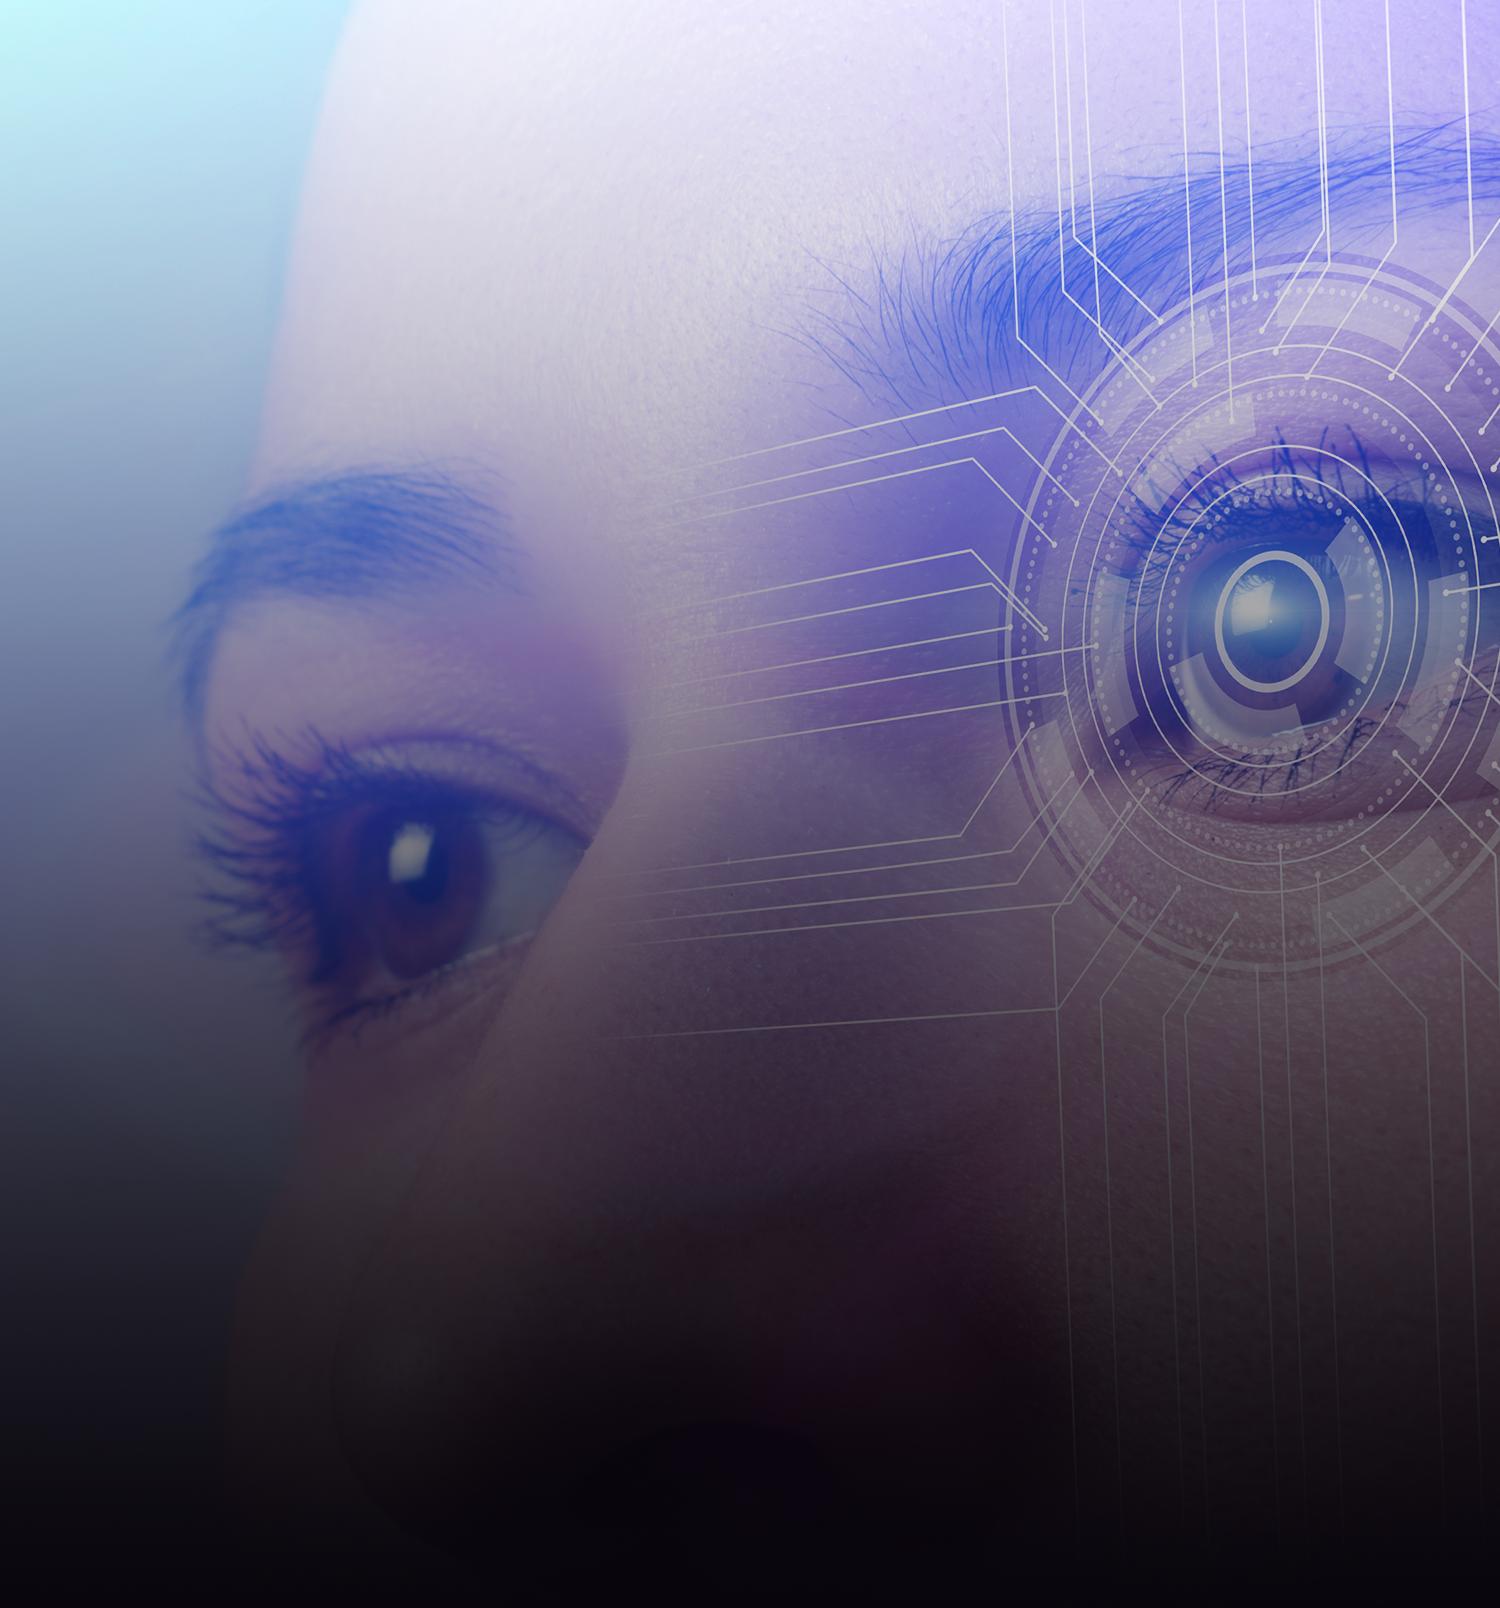 IMDV medirá la evolución digital de las organizaciones durante la pandemia